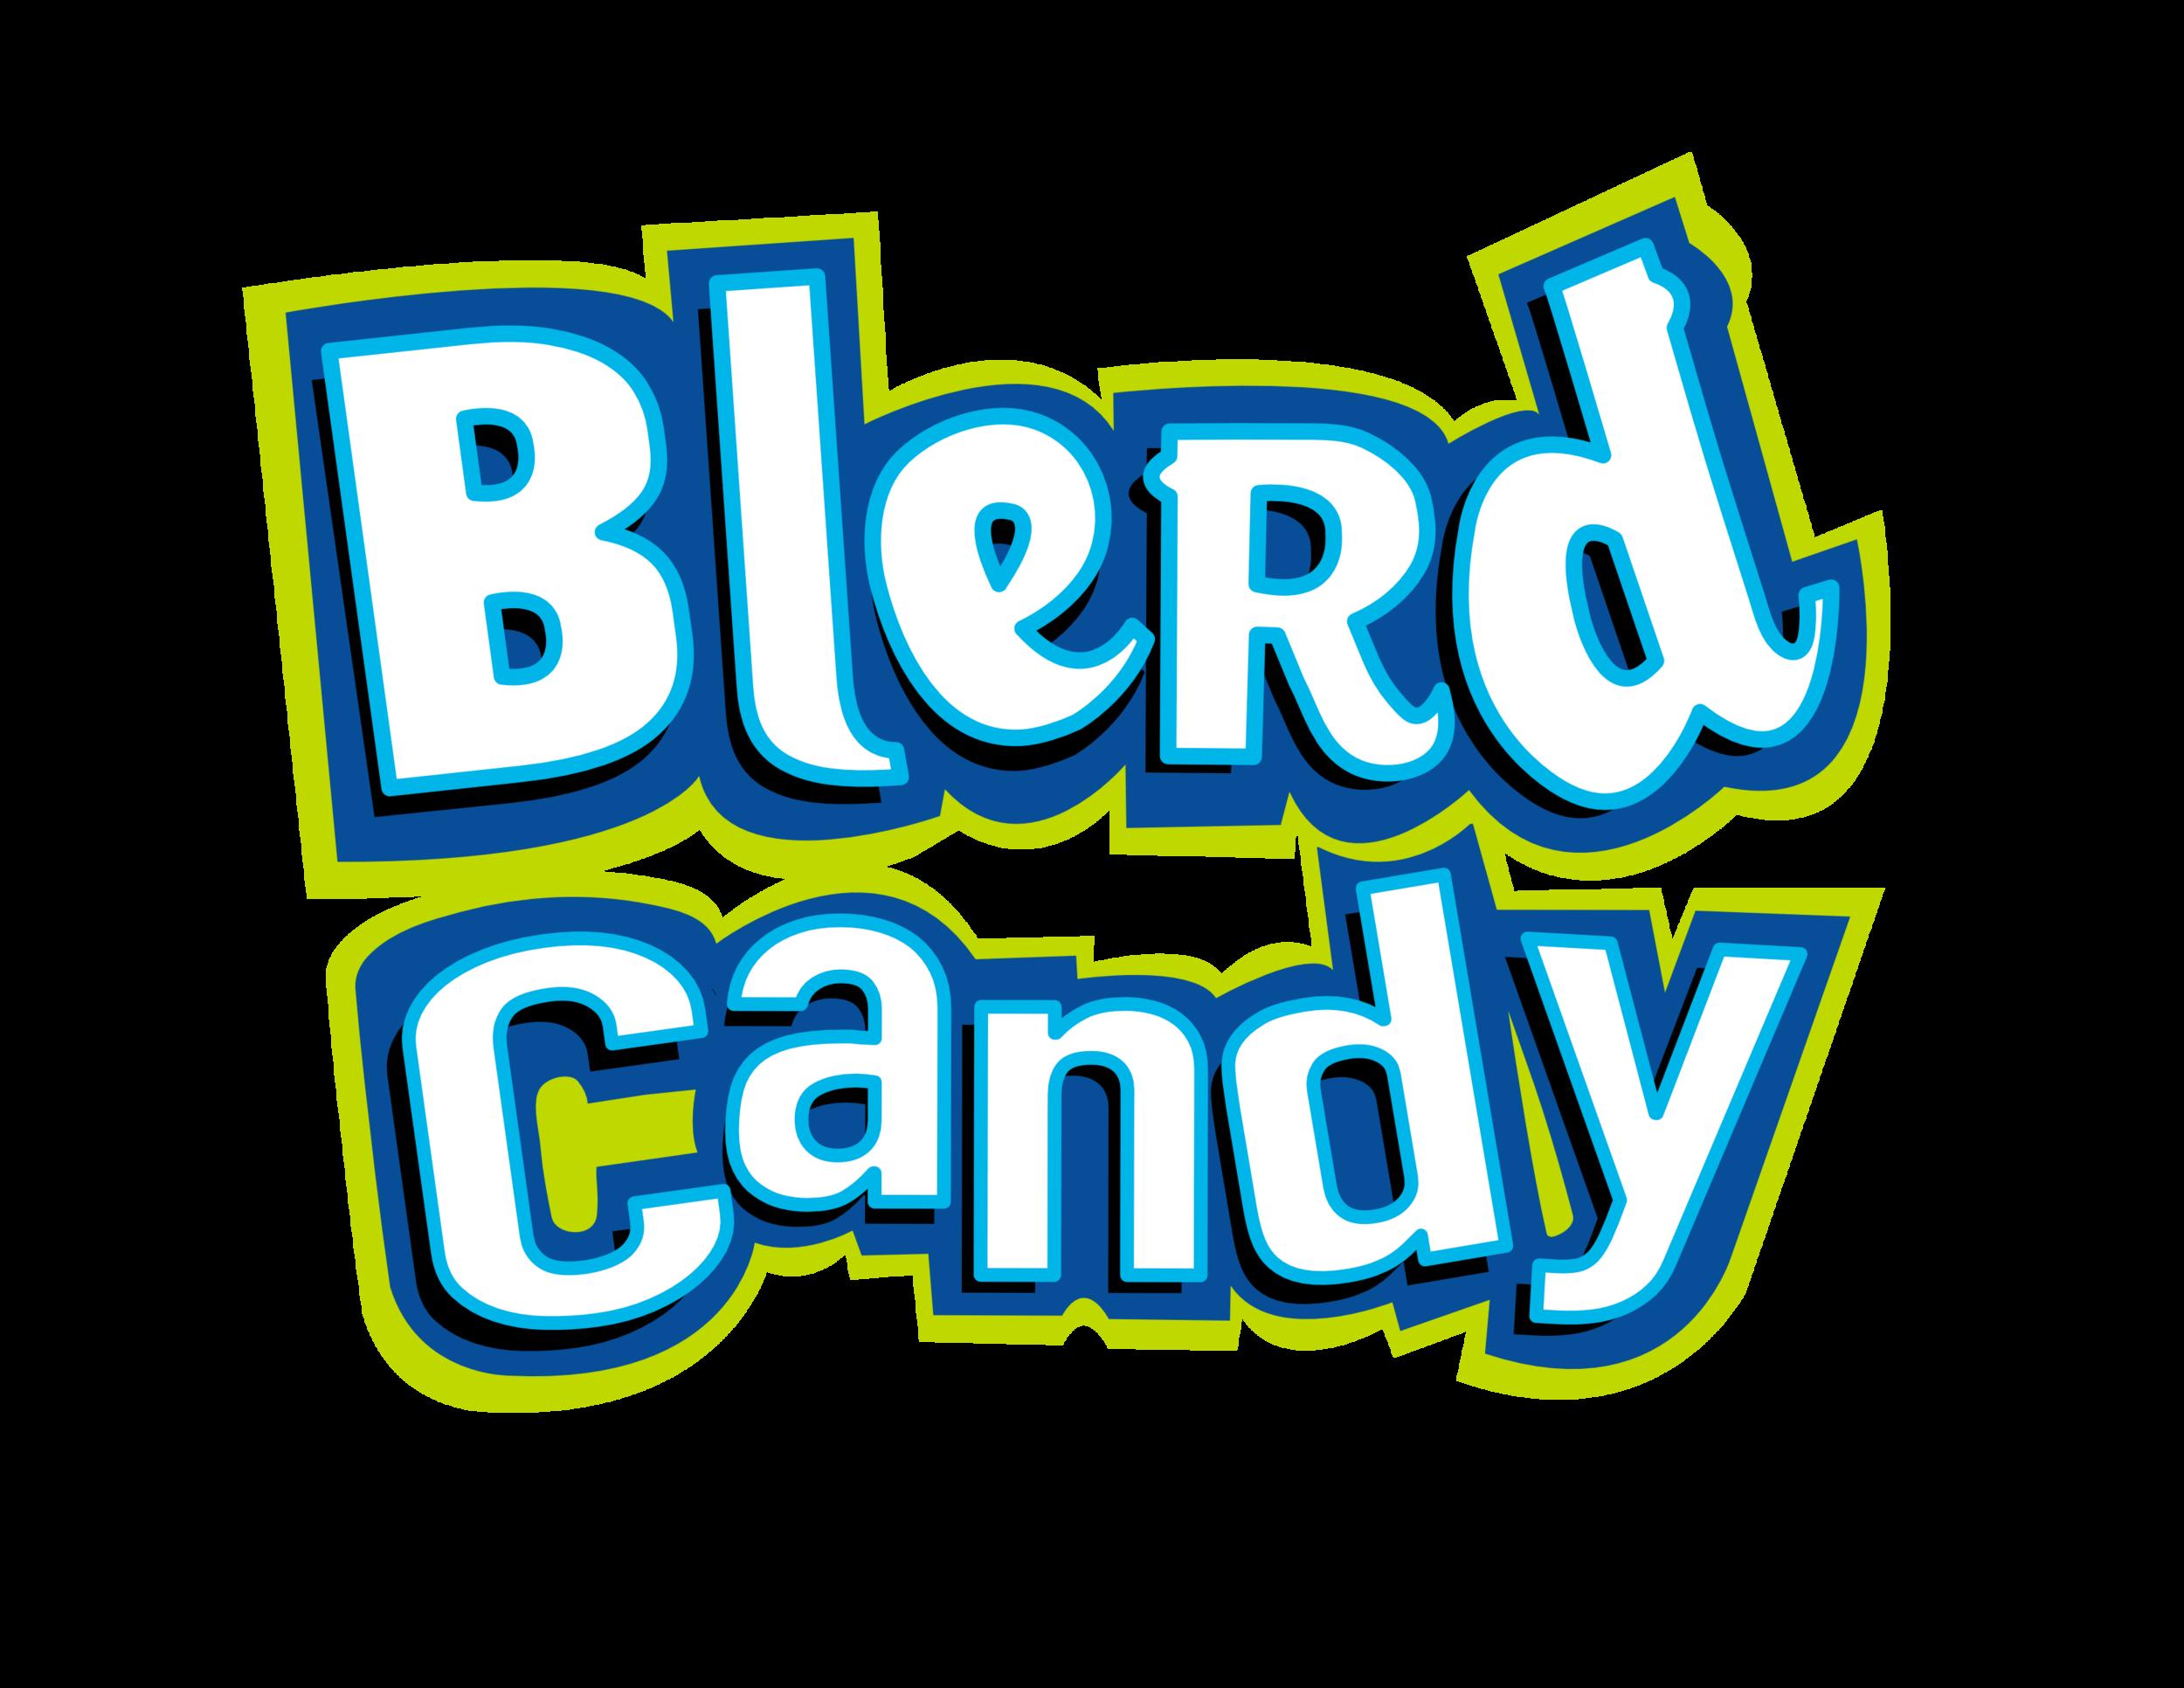 Blerd_logo.png